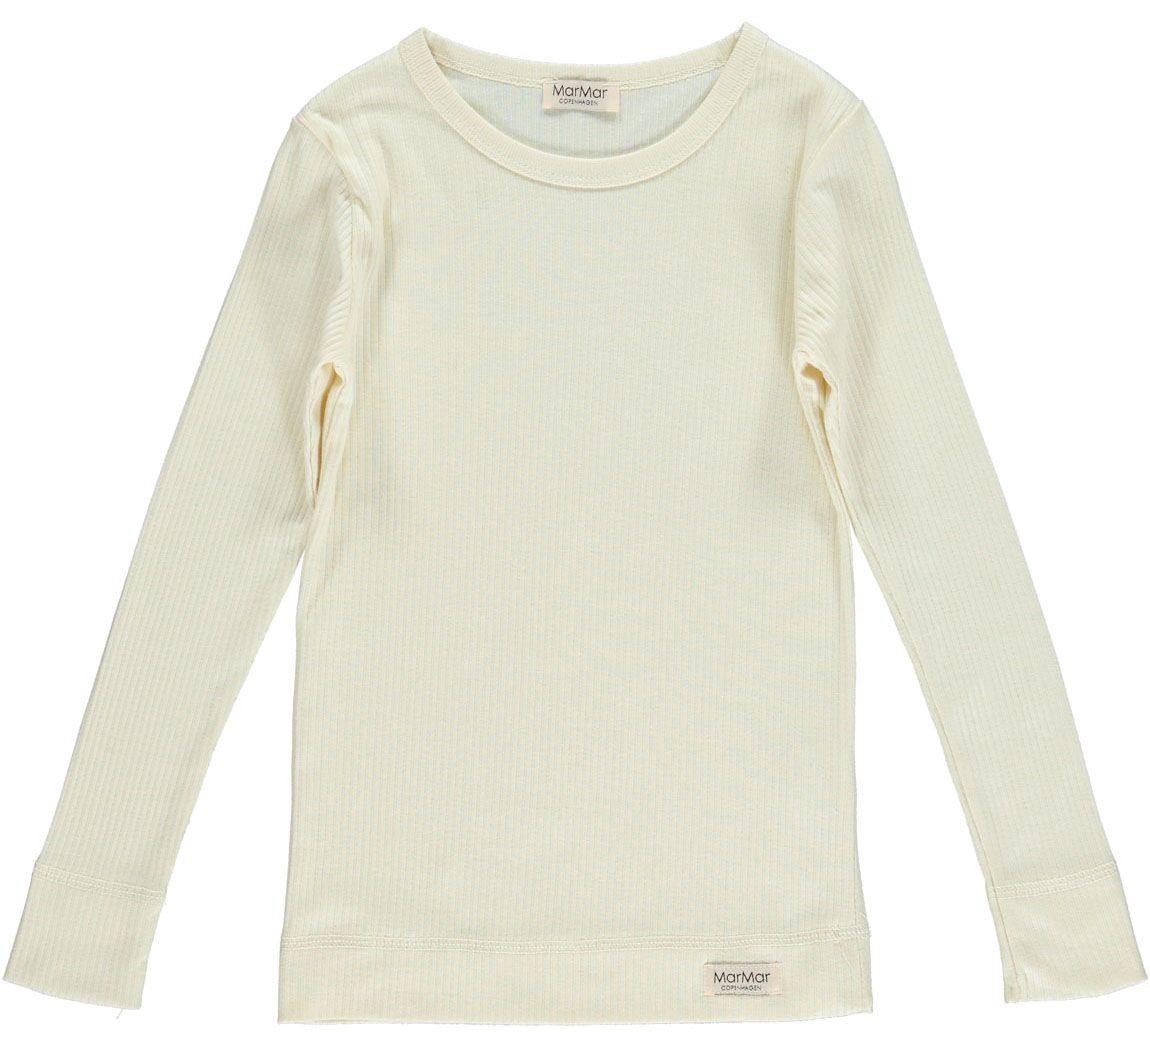 MarMar Plain t-shirt LS, creme, 74